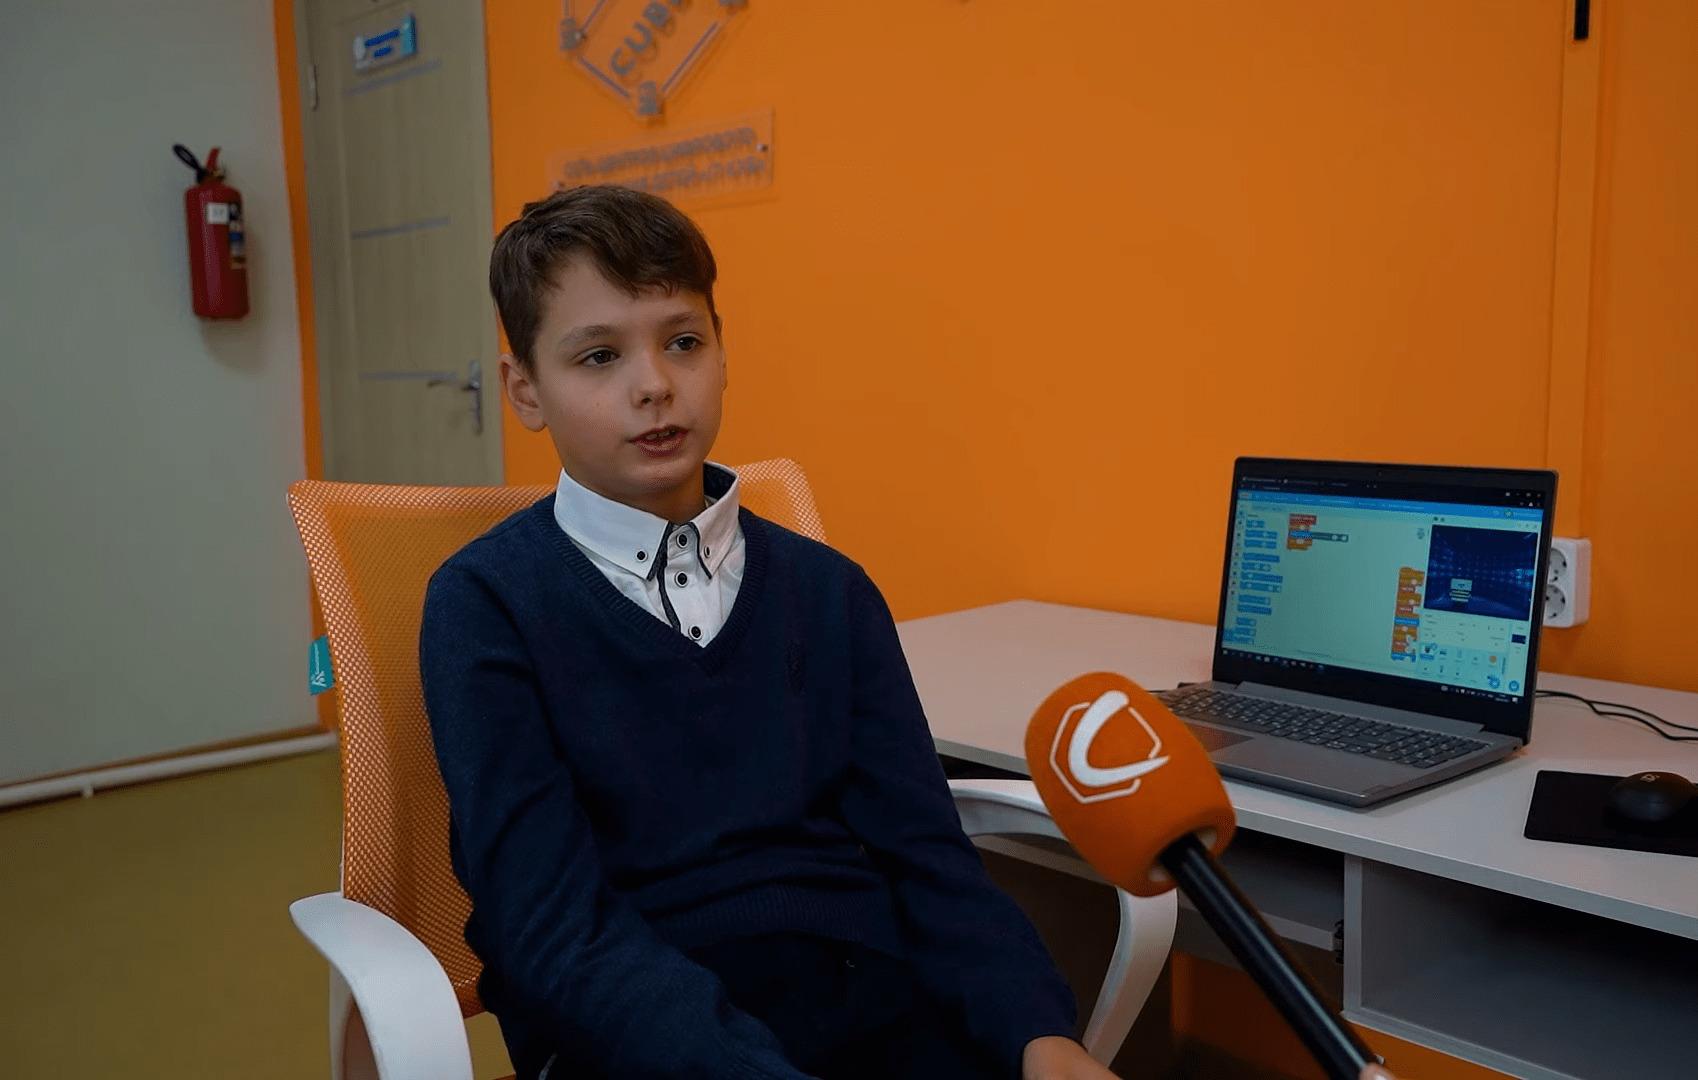 Образовательная экспедиция СОТ в Республику Бурятия: центр цифрового образования детей IT-cube